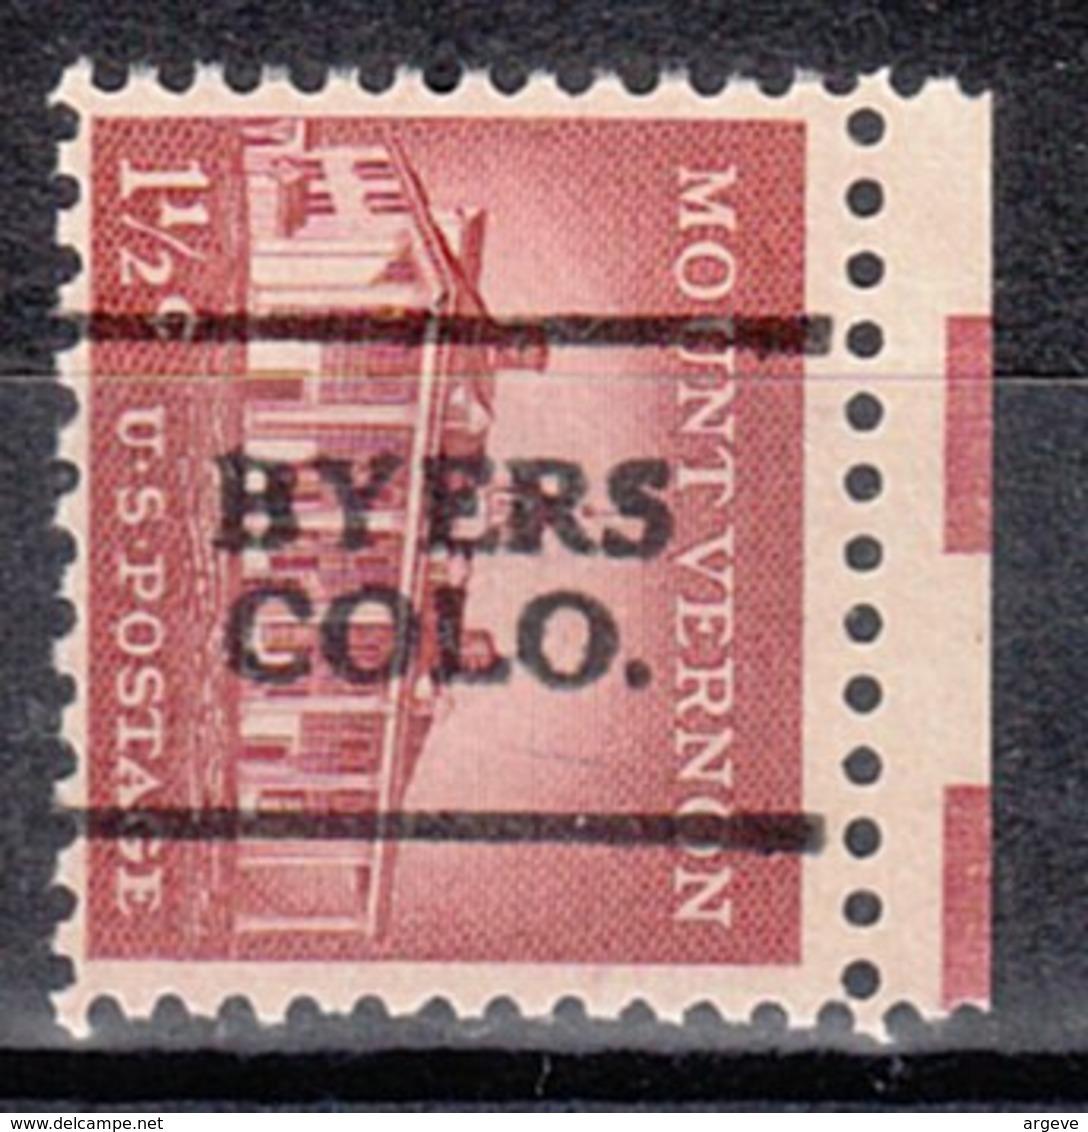 USA Precancel Vorausentwertung Preo, Locals Colorado, Byers 701 - Vereinigte Staaten